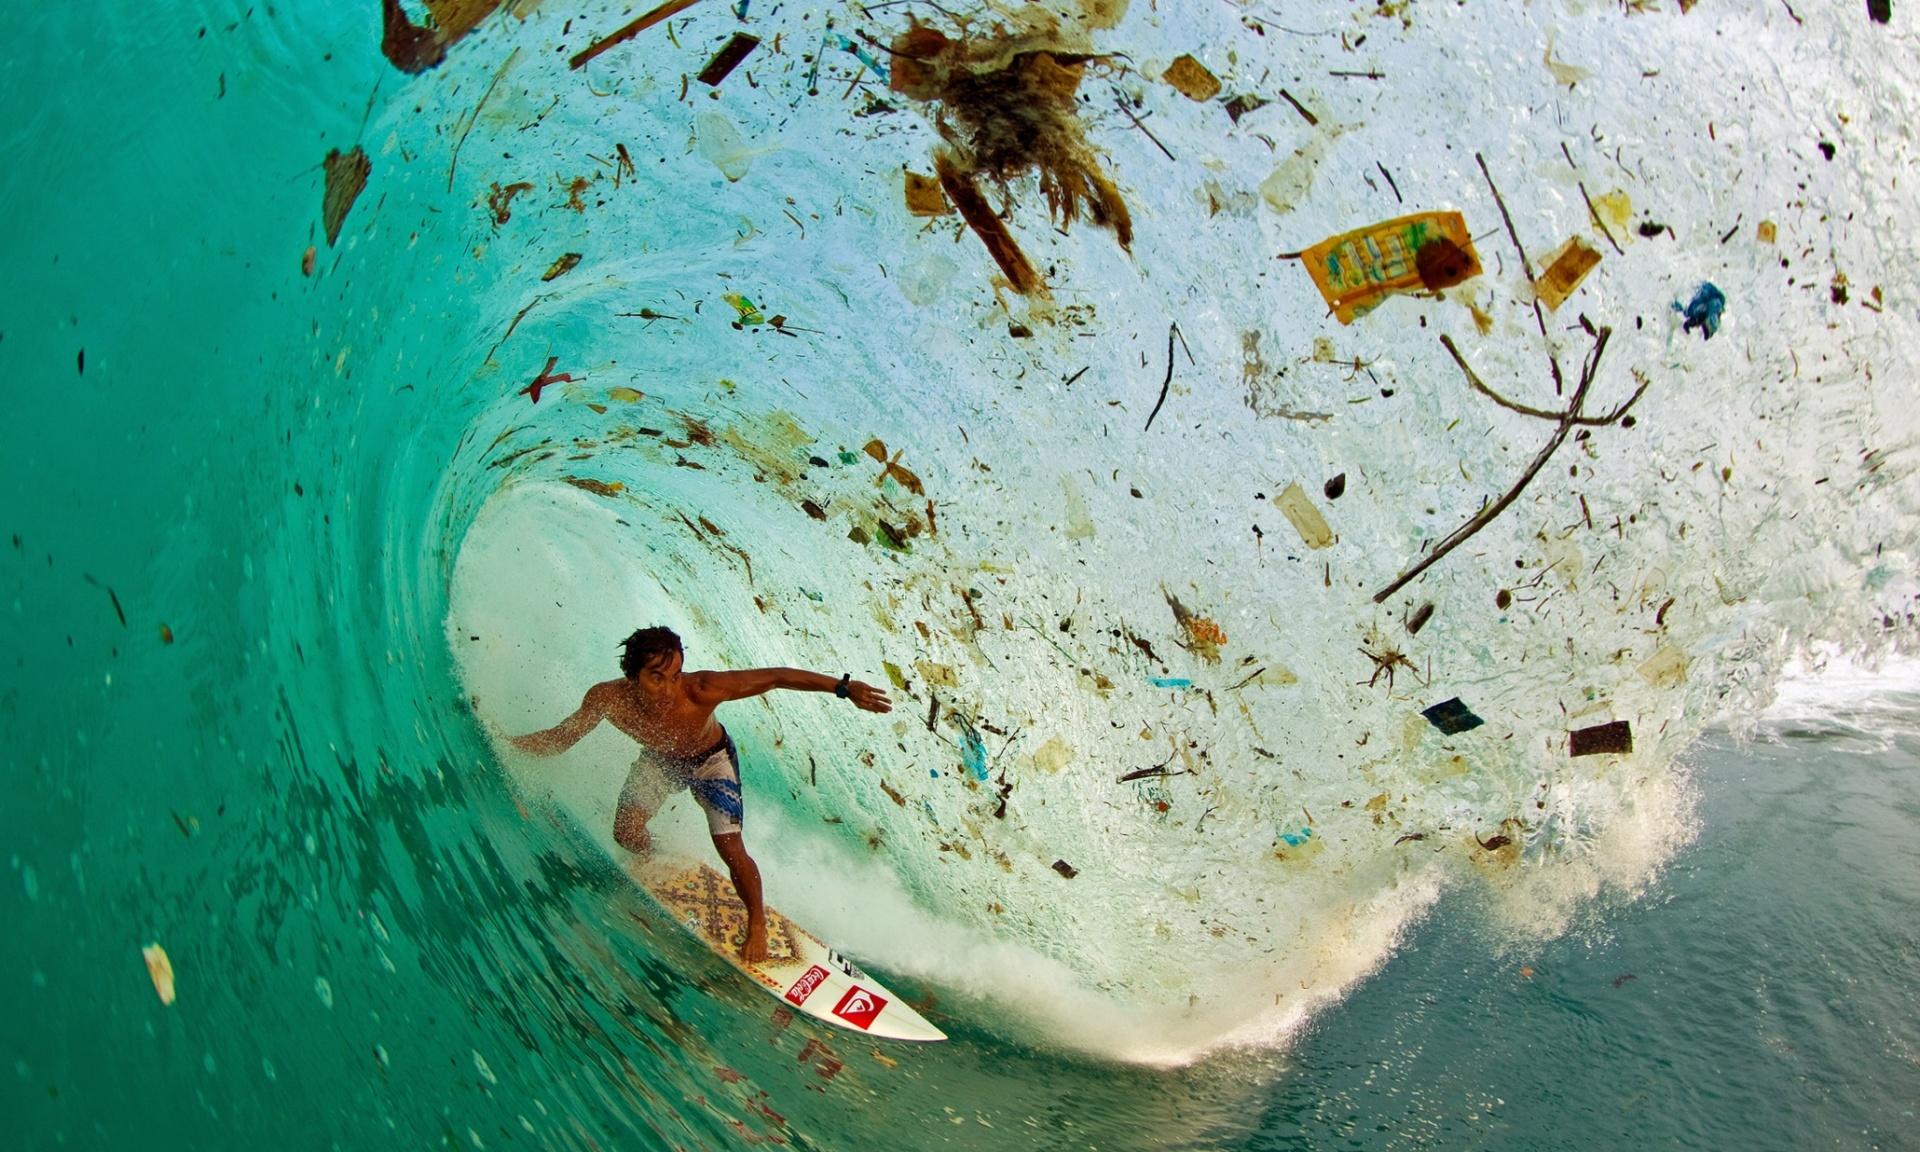 Kapan Indonesia Terbebas Dari Sampah?